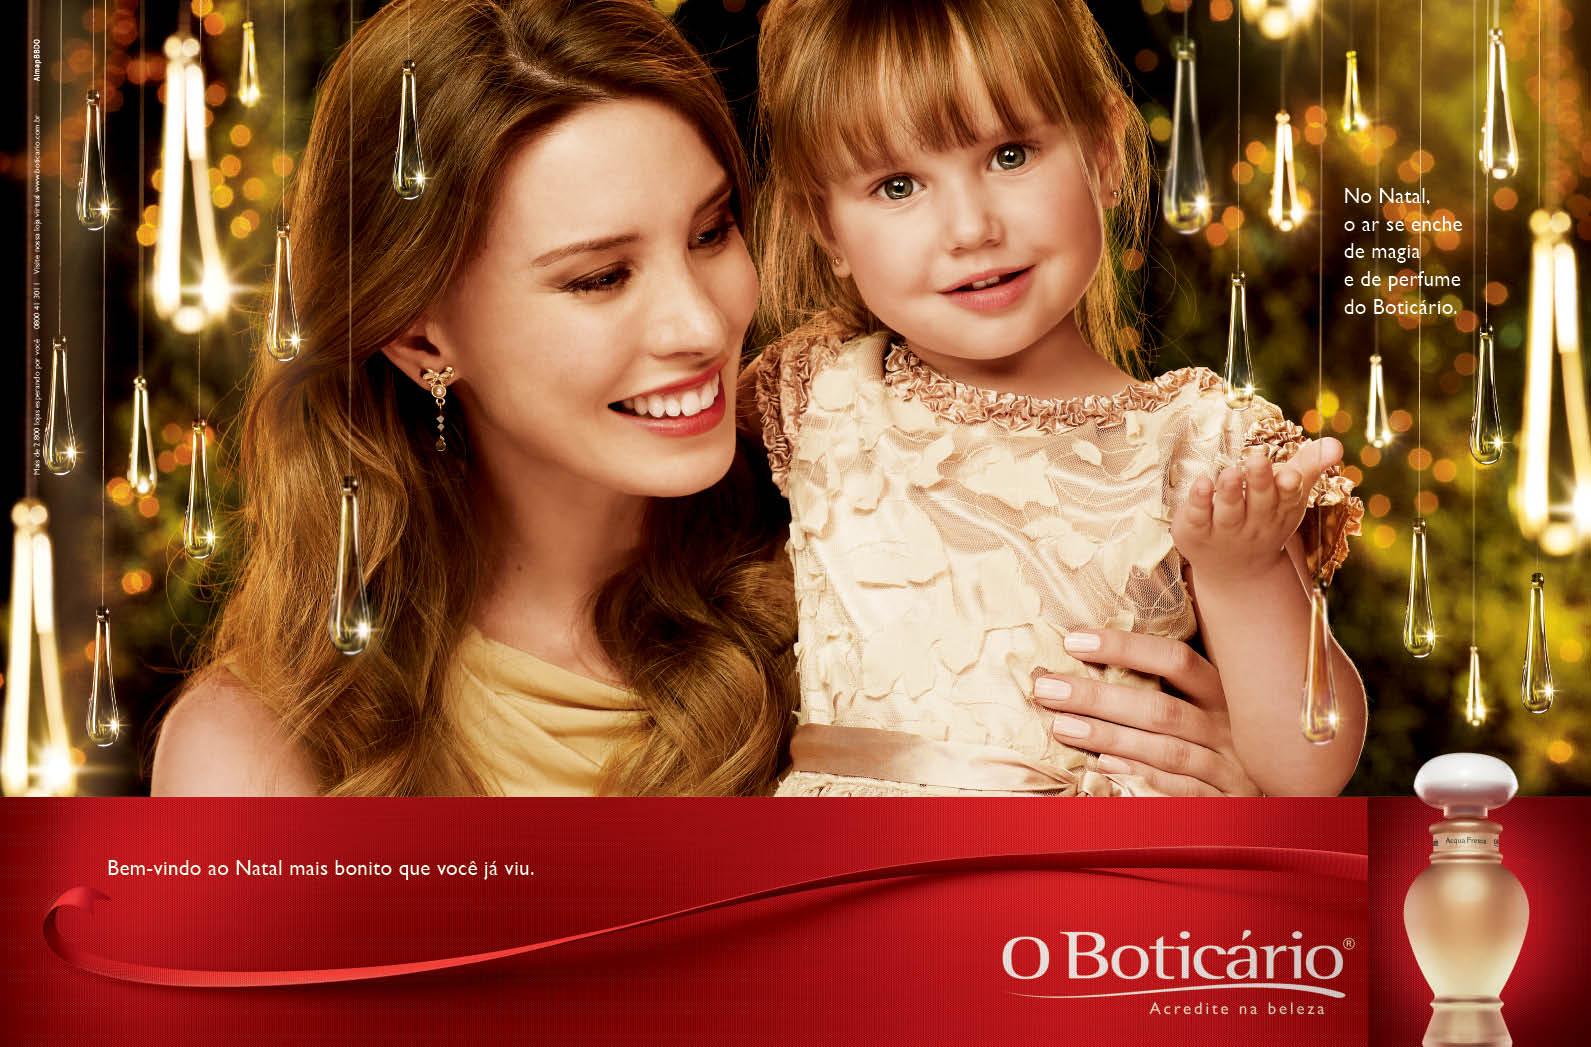 O Boticário kits Presentes Para o Natal 2014 – Comprar Online